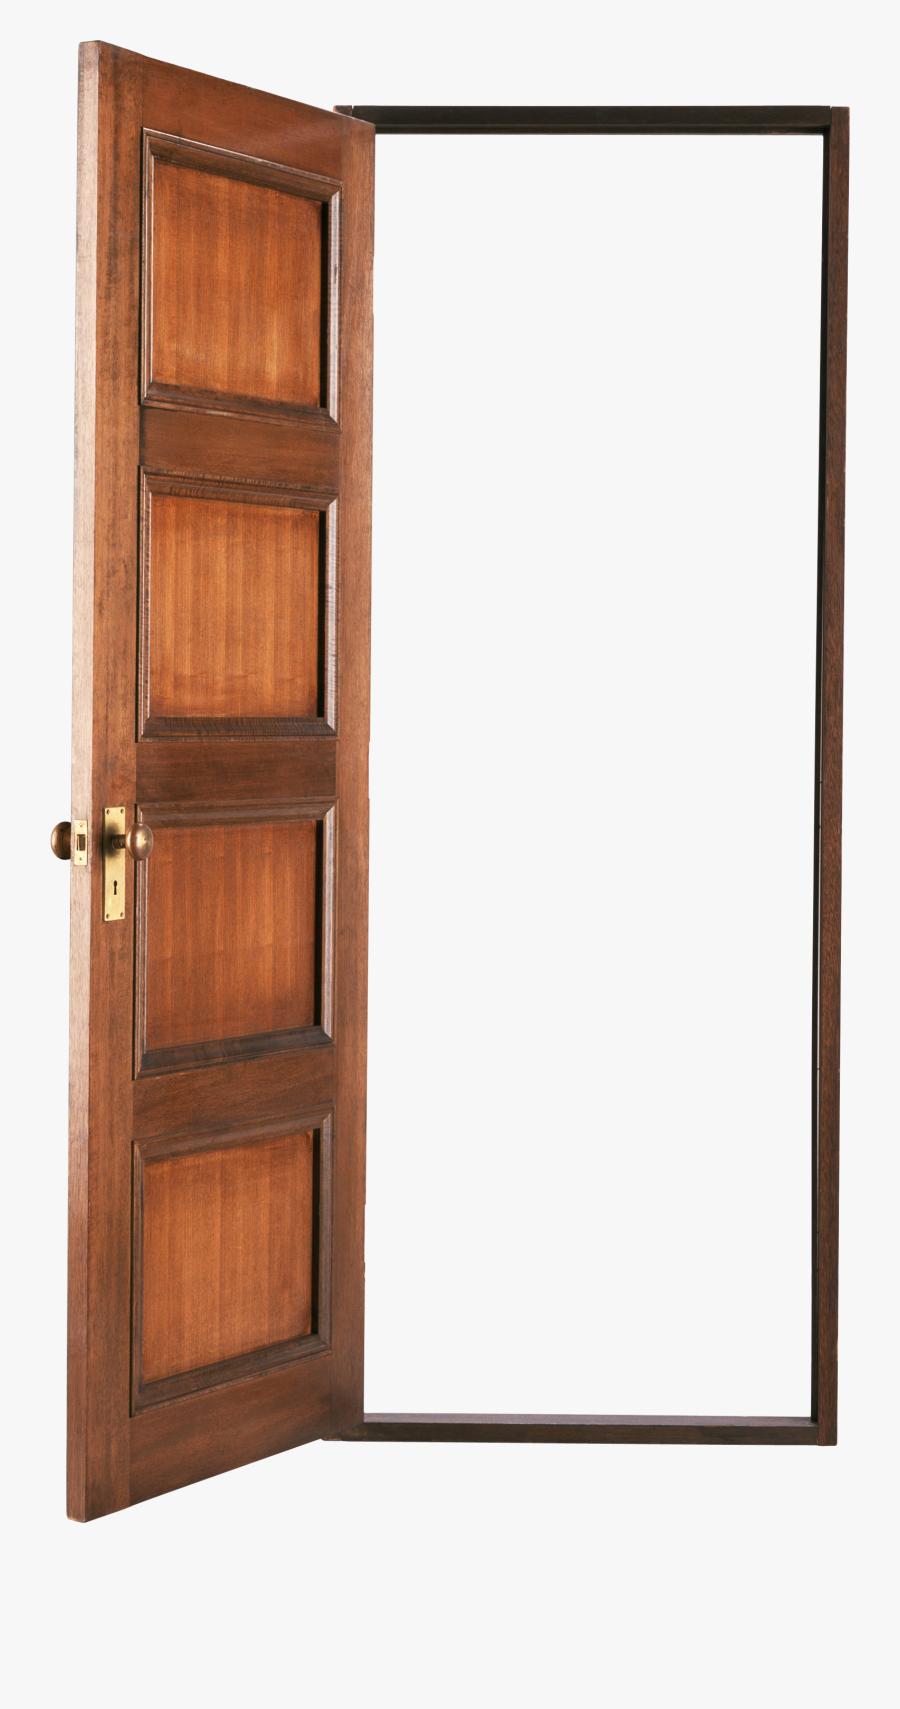 Transparent Knocking On Door Clipart - Open Door No Background, Transparent Clipart